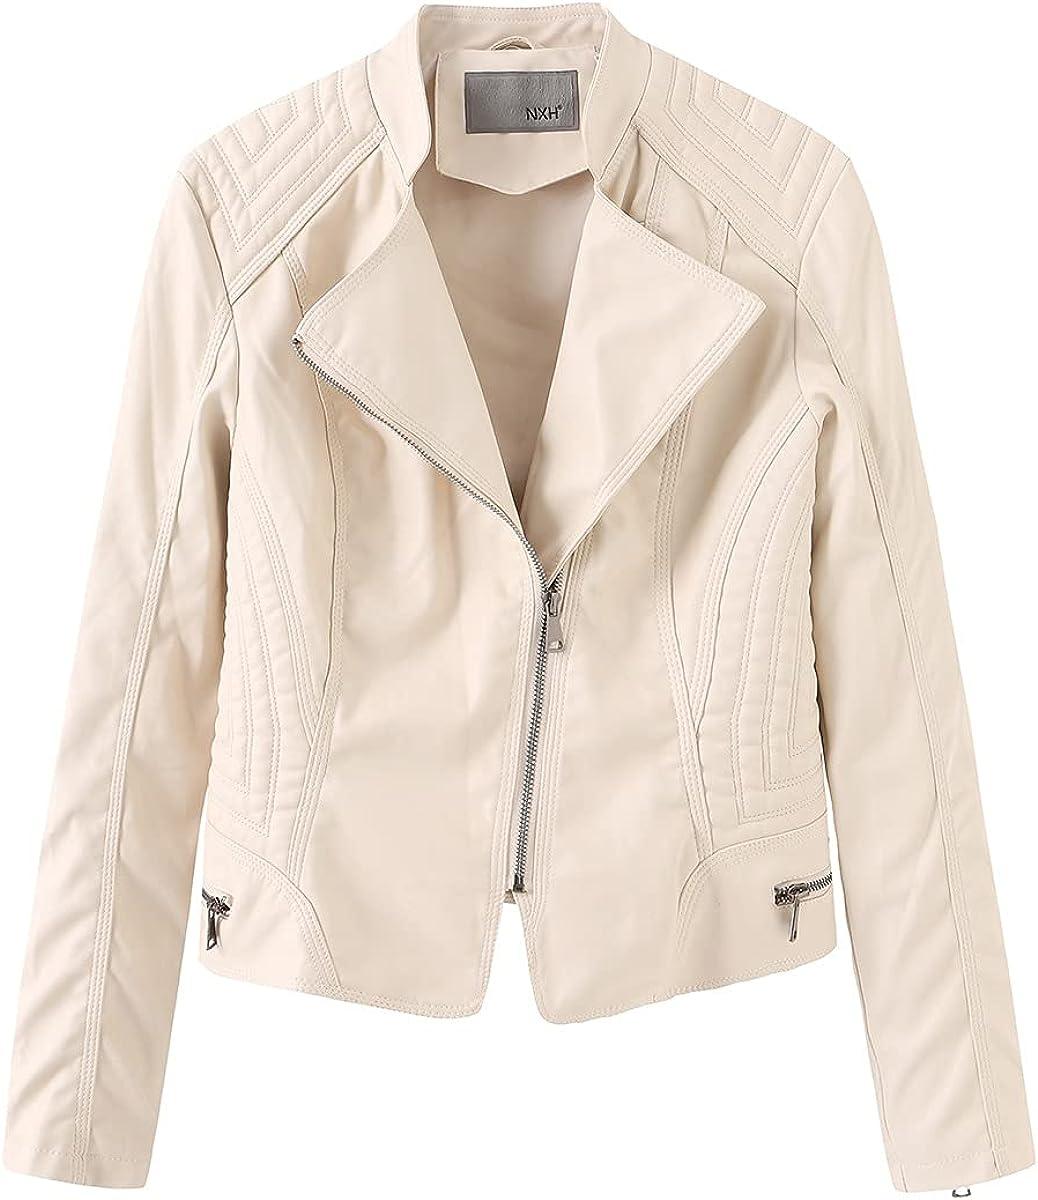 Women's Lapel Zipped Faux Leather Moto Biker Jacket Casual Short Coat Outwear